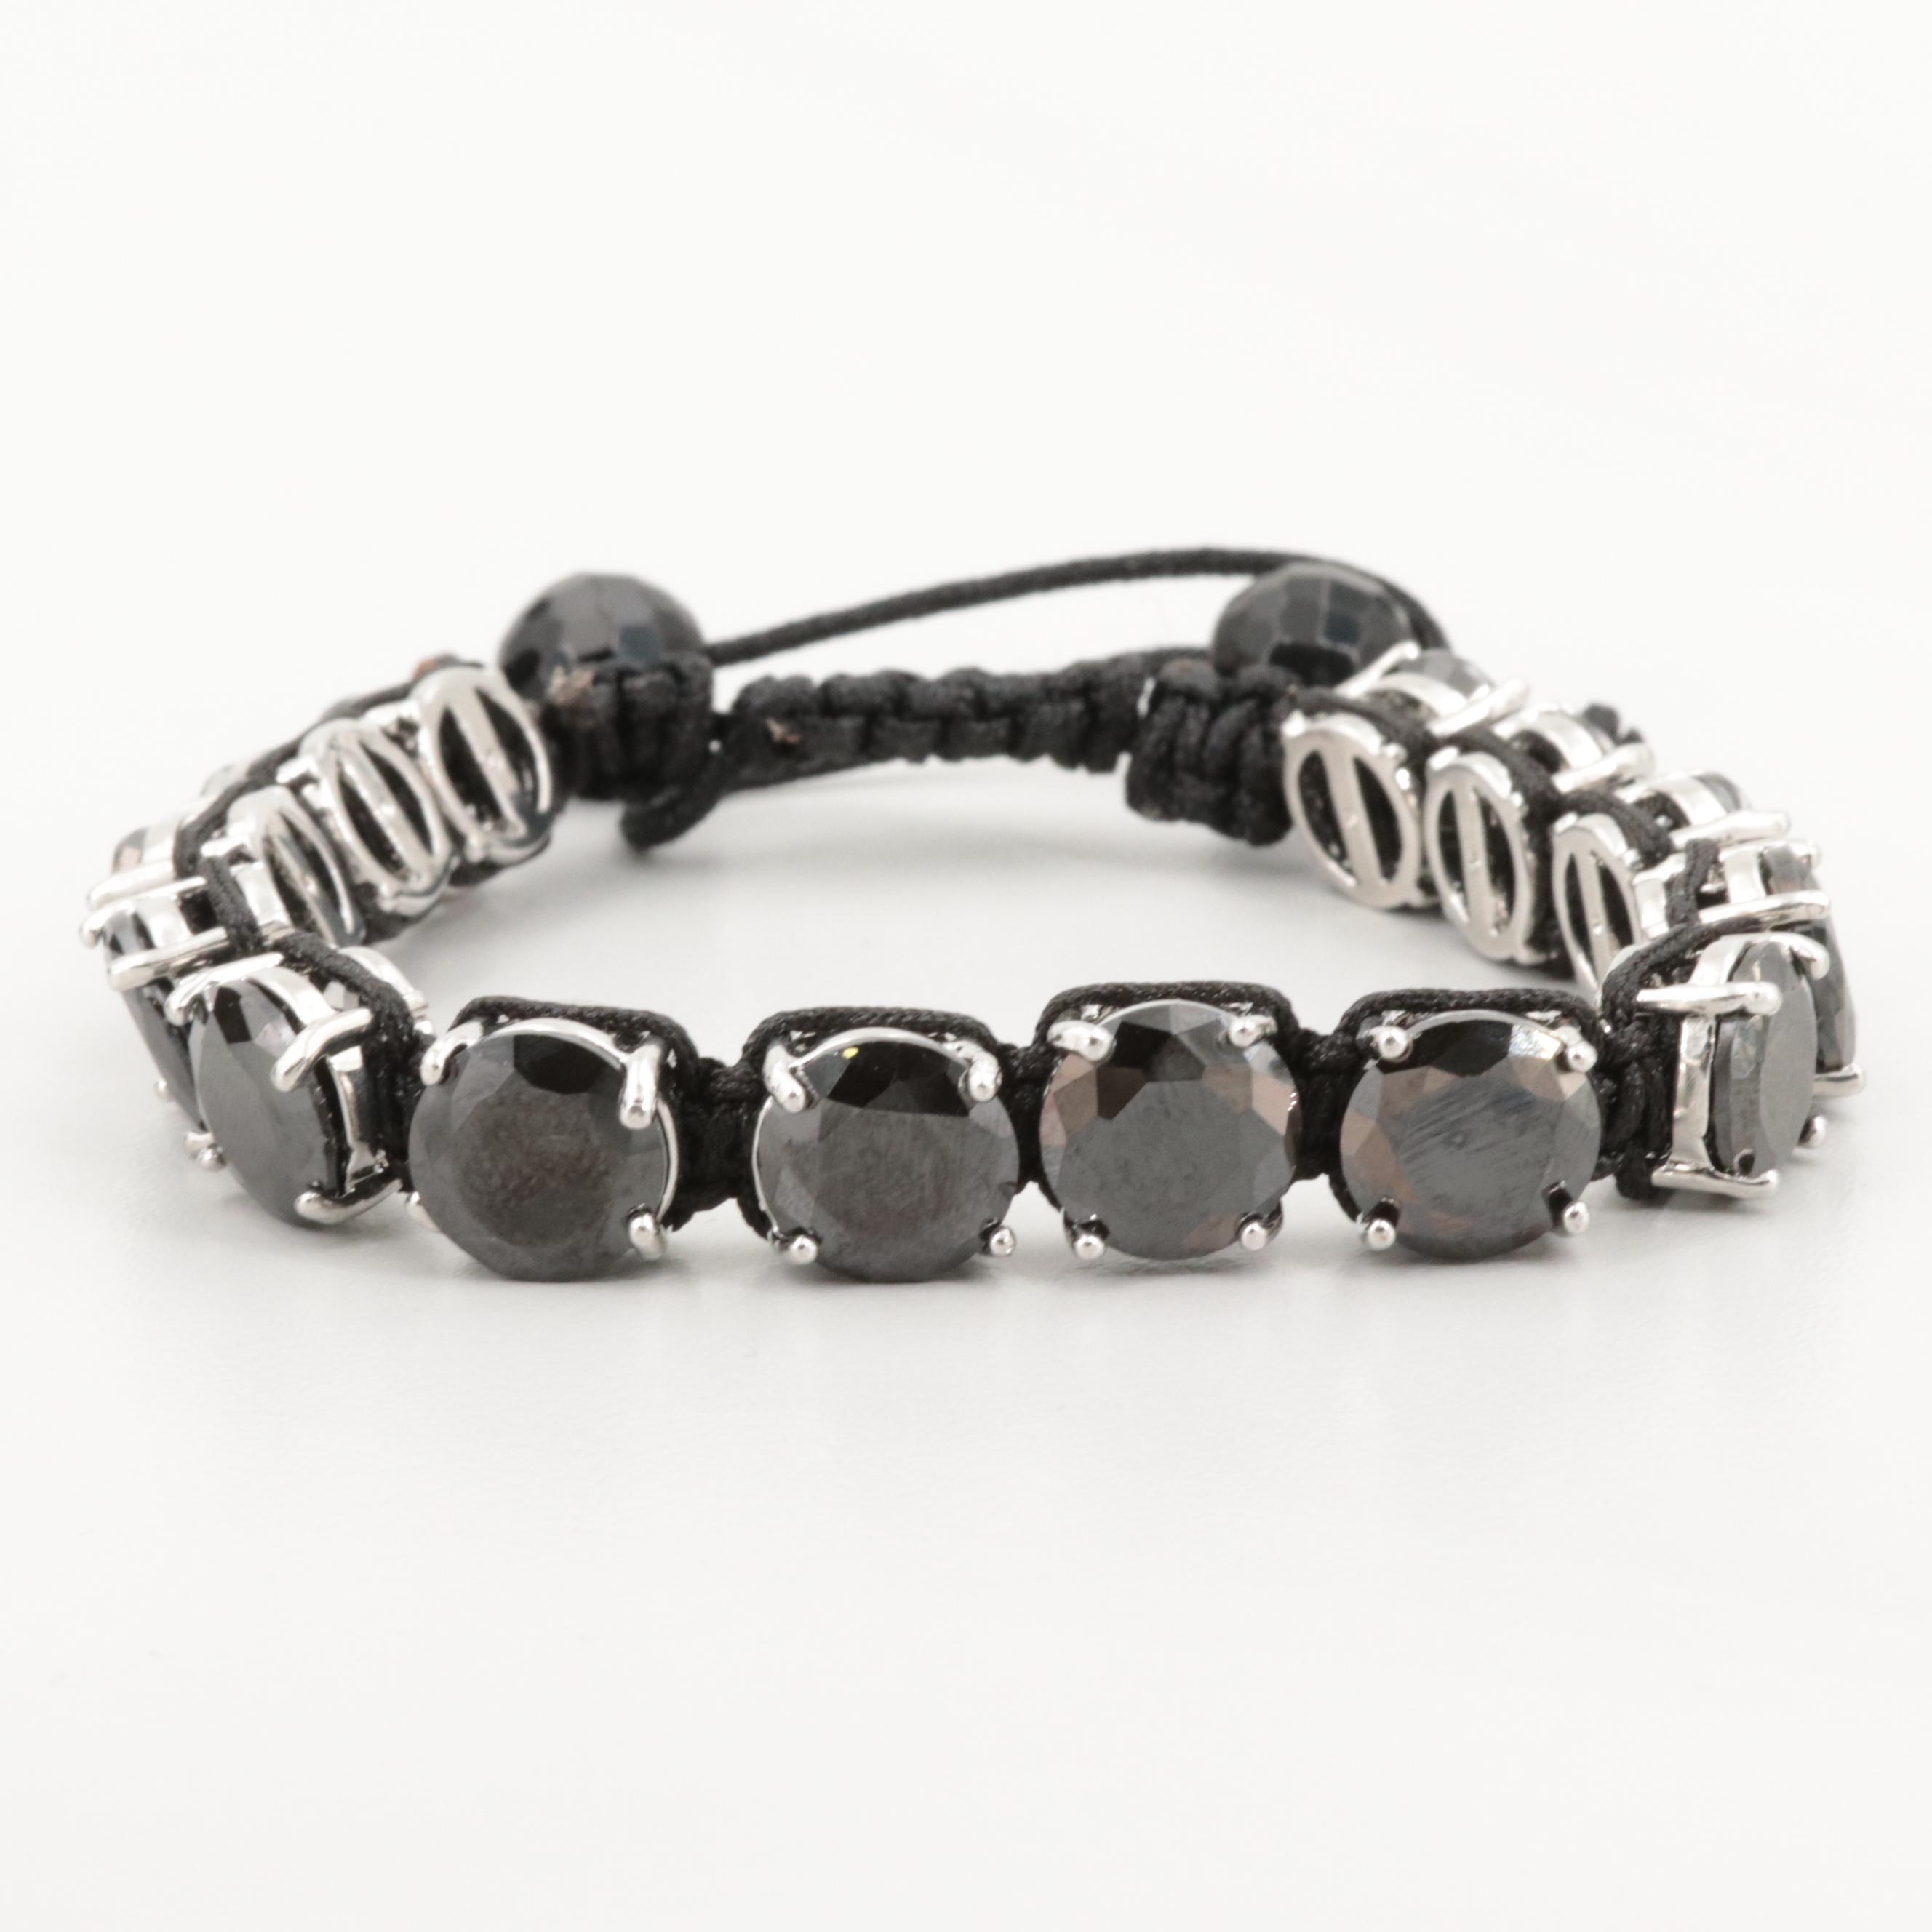 Silver Tone Obsidian Bracelet